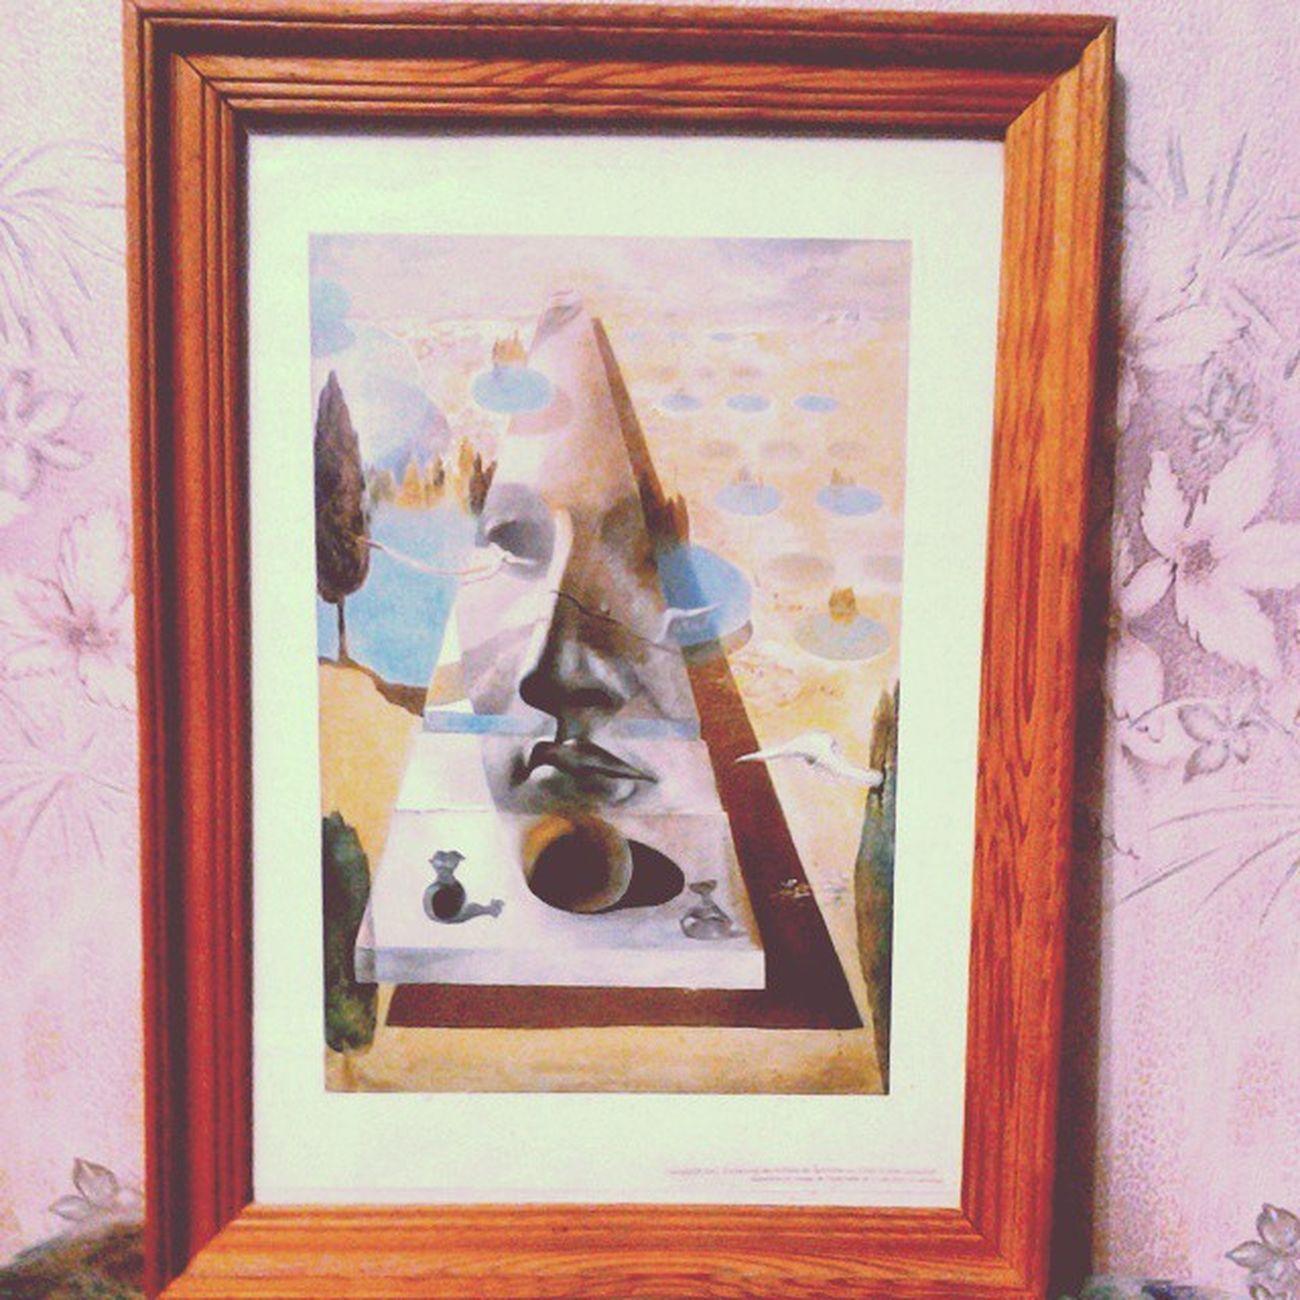 Явление лика Афродиты Книдской на фоне пейзажа Сальвадор ДАЛИ 1981 48.5 х 35.5 Вдохновенная картина! Наконец-то, хотя и в принте очень хорошего качества, но на моей стене! Осталось доделать лишь рамочку. Она будет черной глянцевой с эффектом белого патинирования по всей длине выступающей фрезеровки. ,,,^._.^,,, ;-P Salvadordali Dalí Salvador Masterpiece Treasure Art Modern Modernart Surrealism